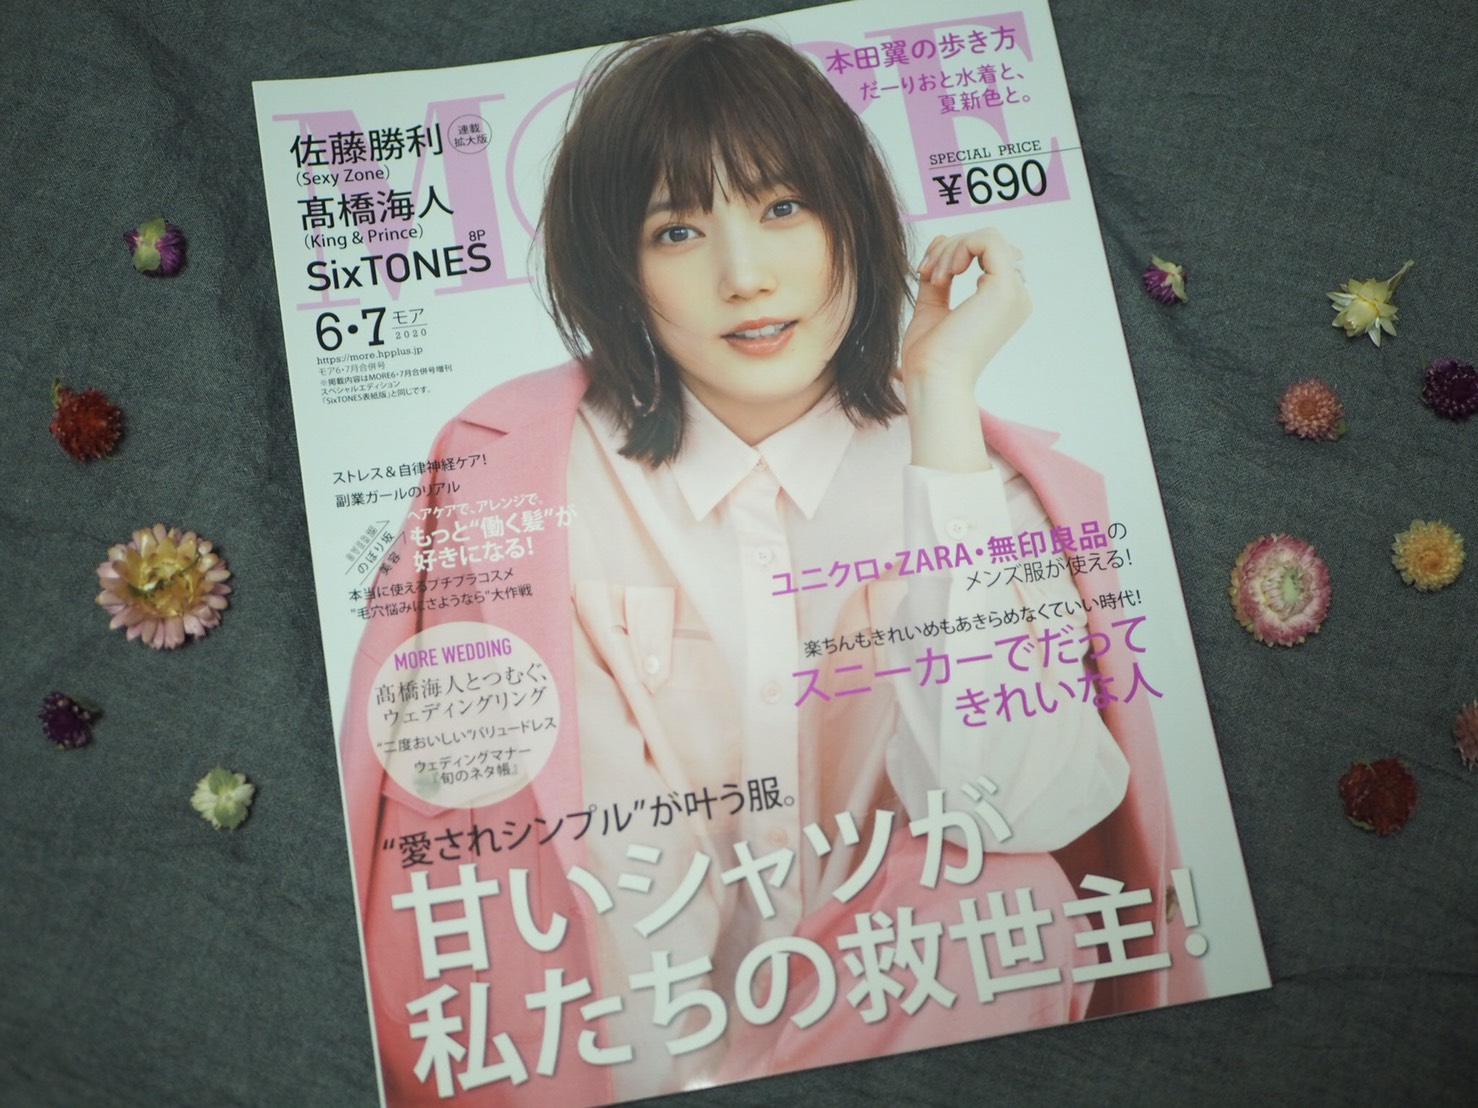 【最新号】MOREロスにならぬようGETすべし❁本日発売の6・7月合併号!_7